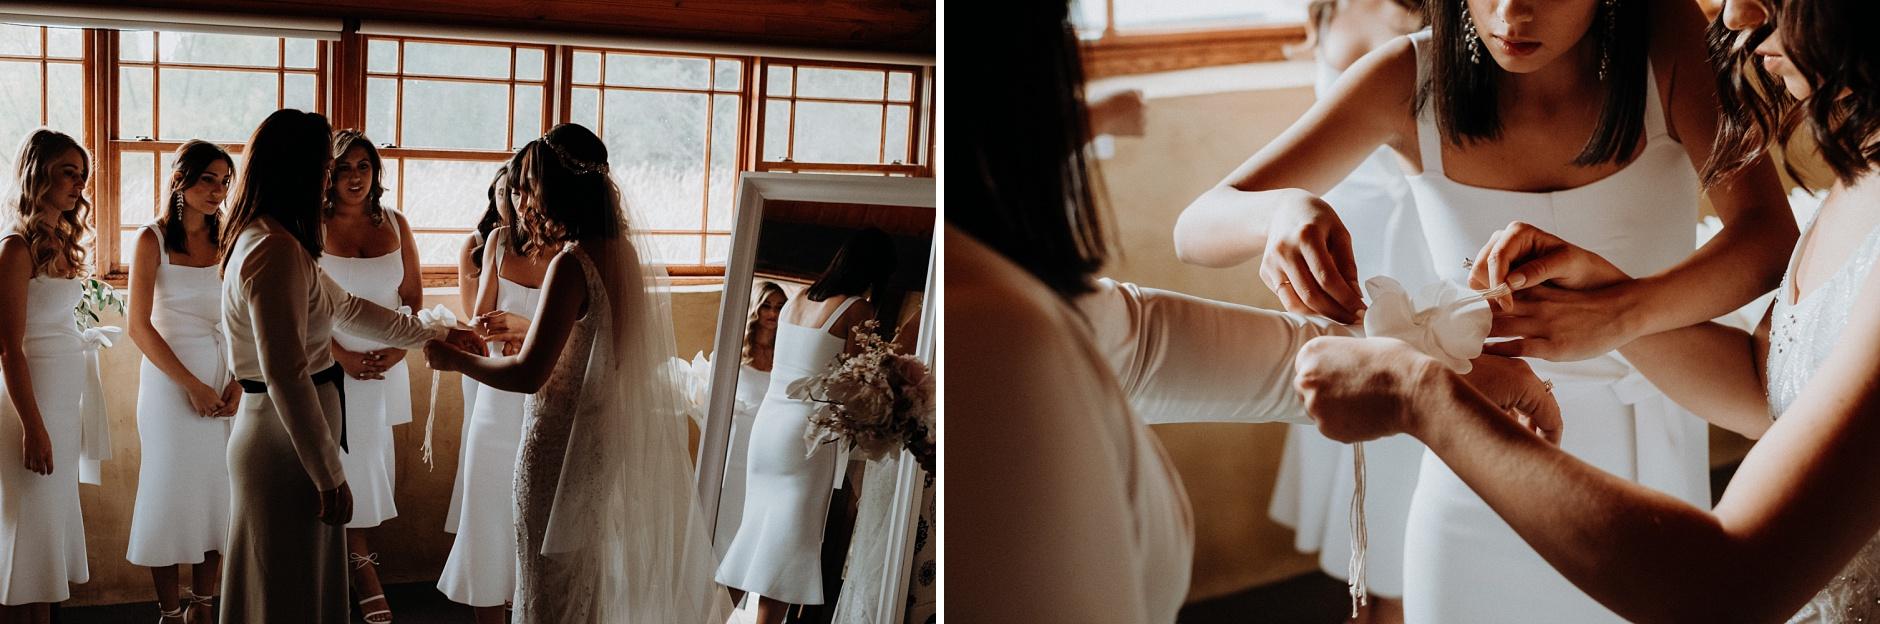 cassandra&cameron0102a_Peppers-Creek-Wedding.jpg